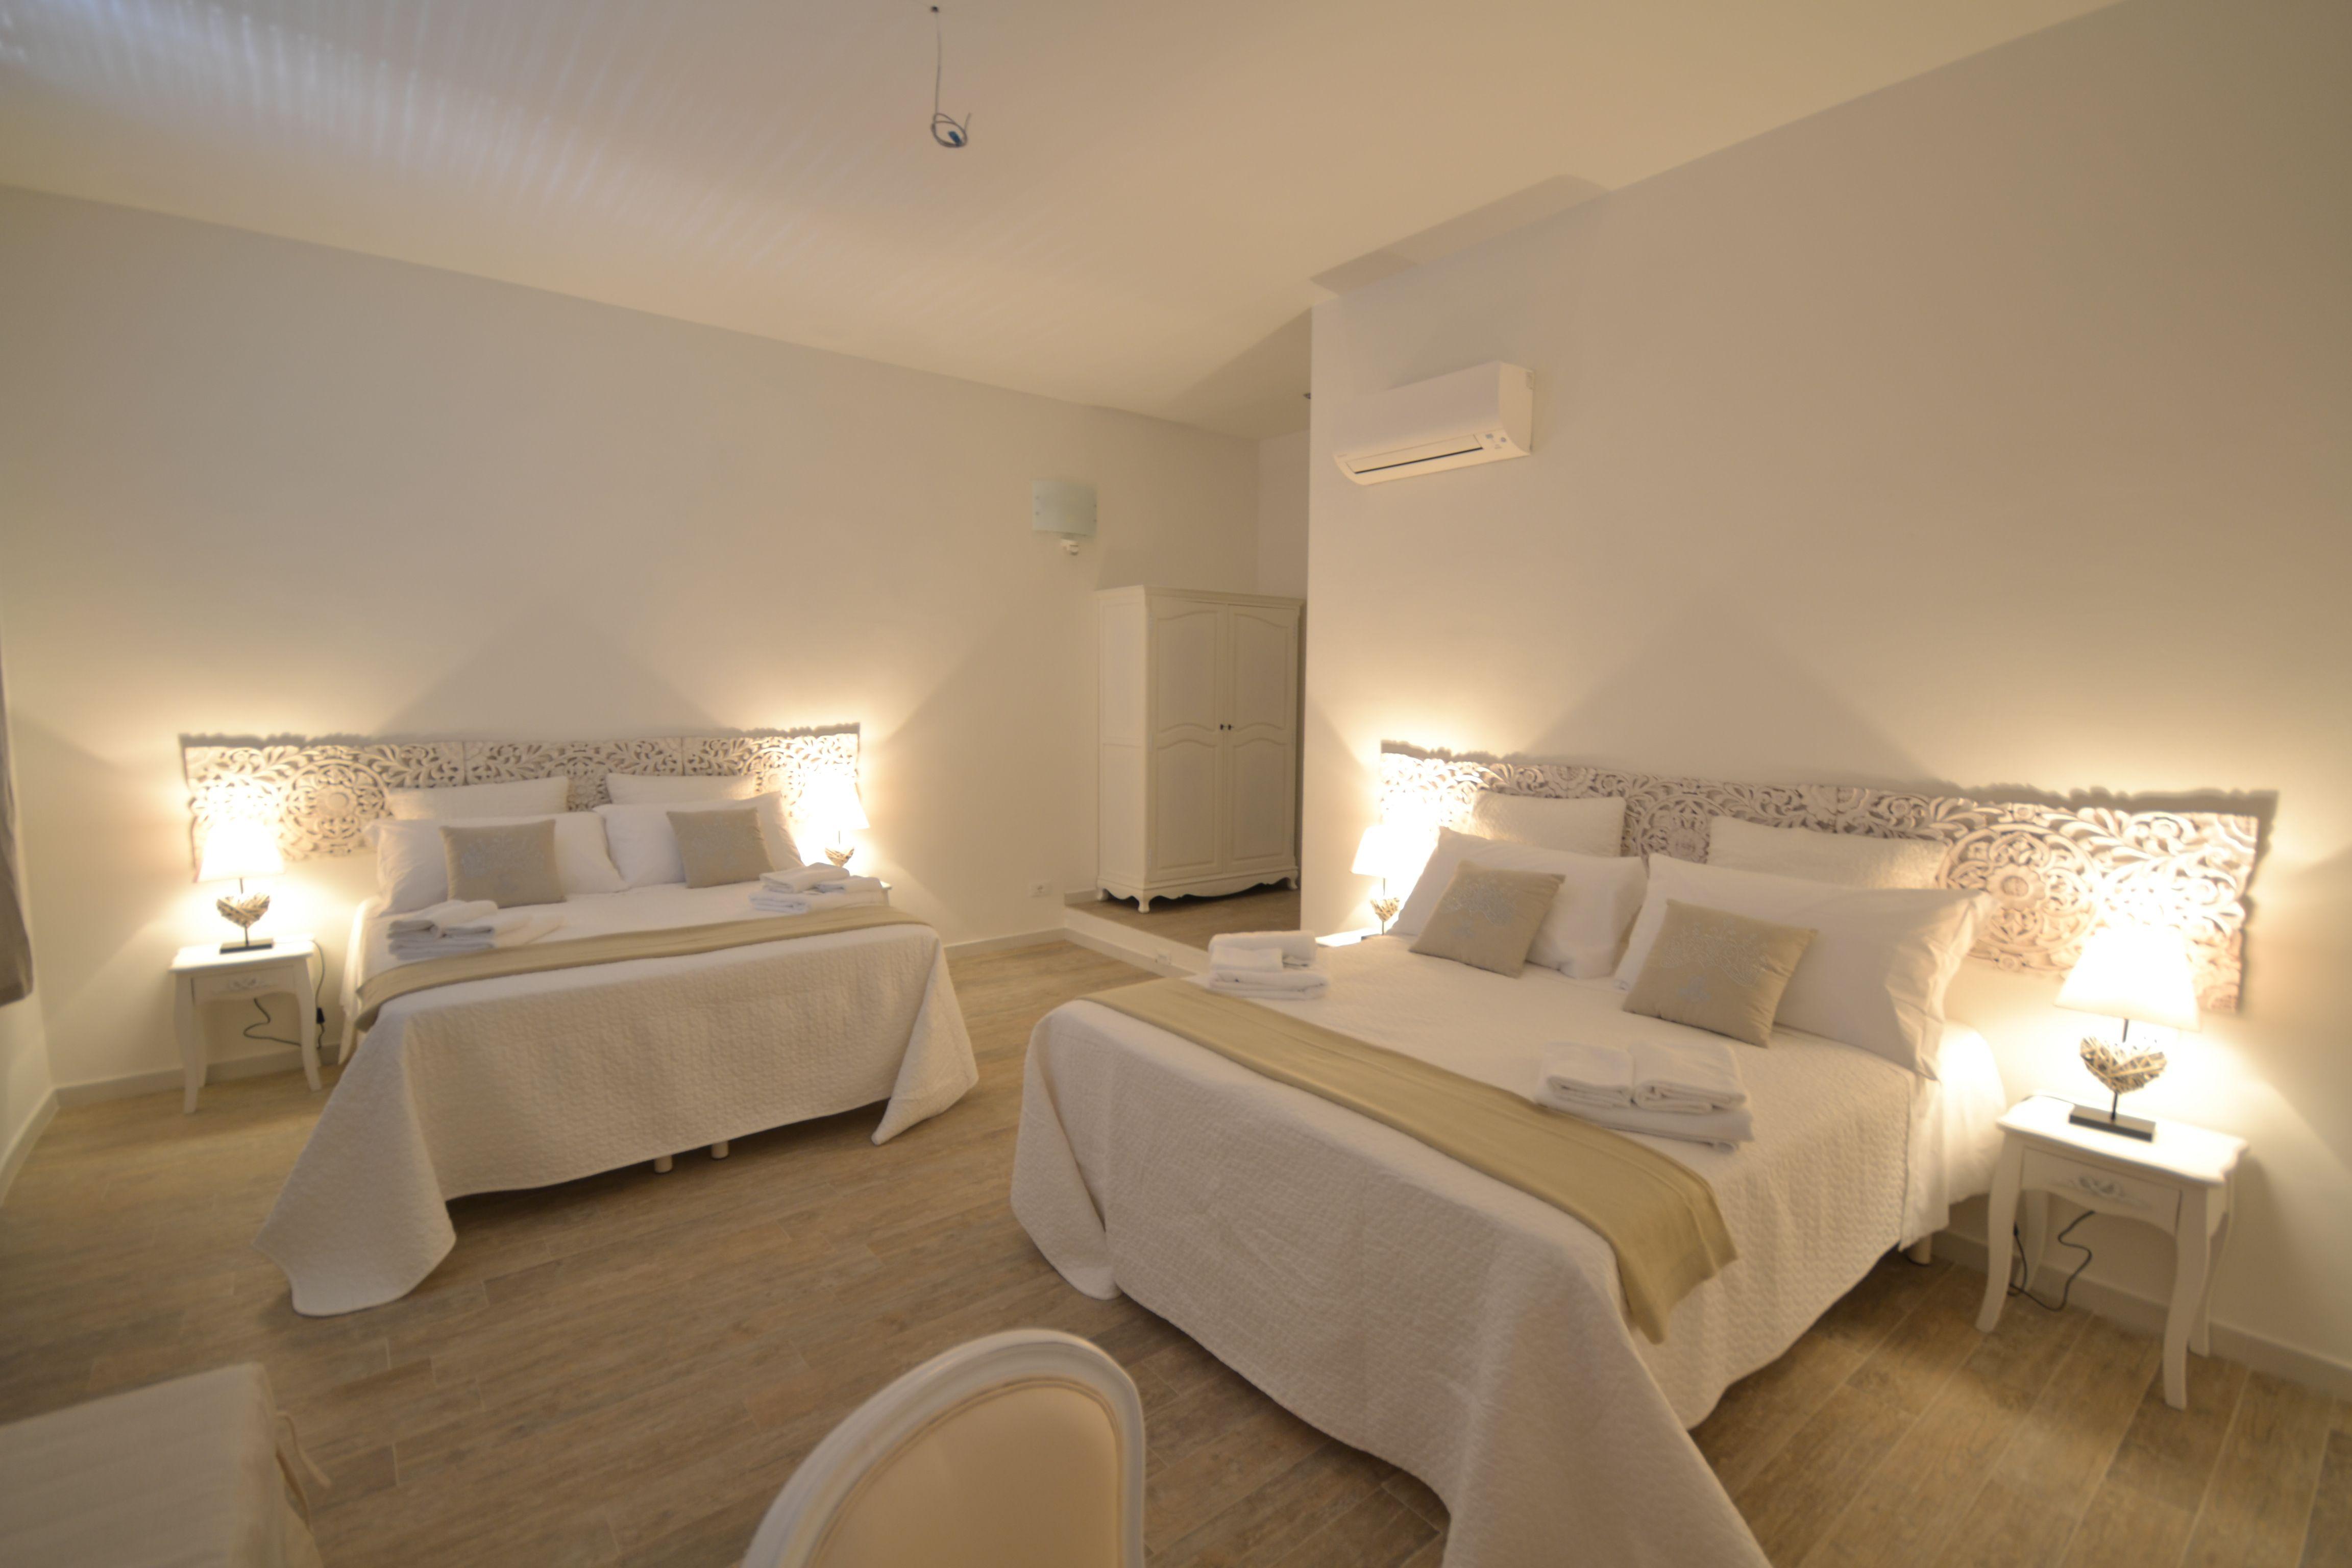 Our new rooms ! Affittacamere Casa Danè, in La Spezia, to discover the Cinque Terre , www.casadane.it